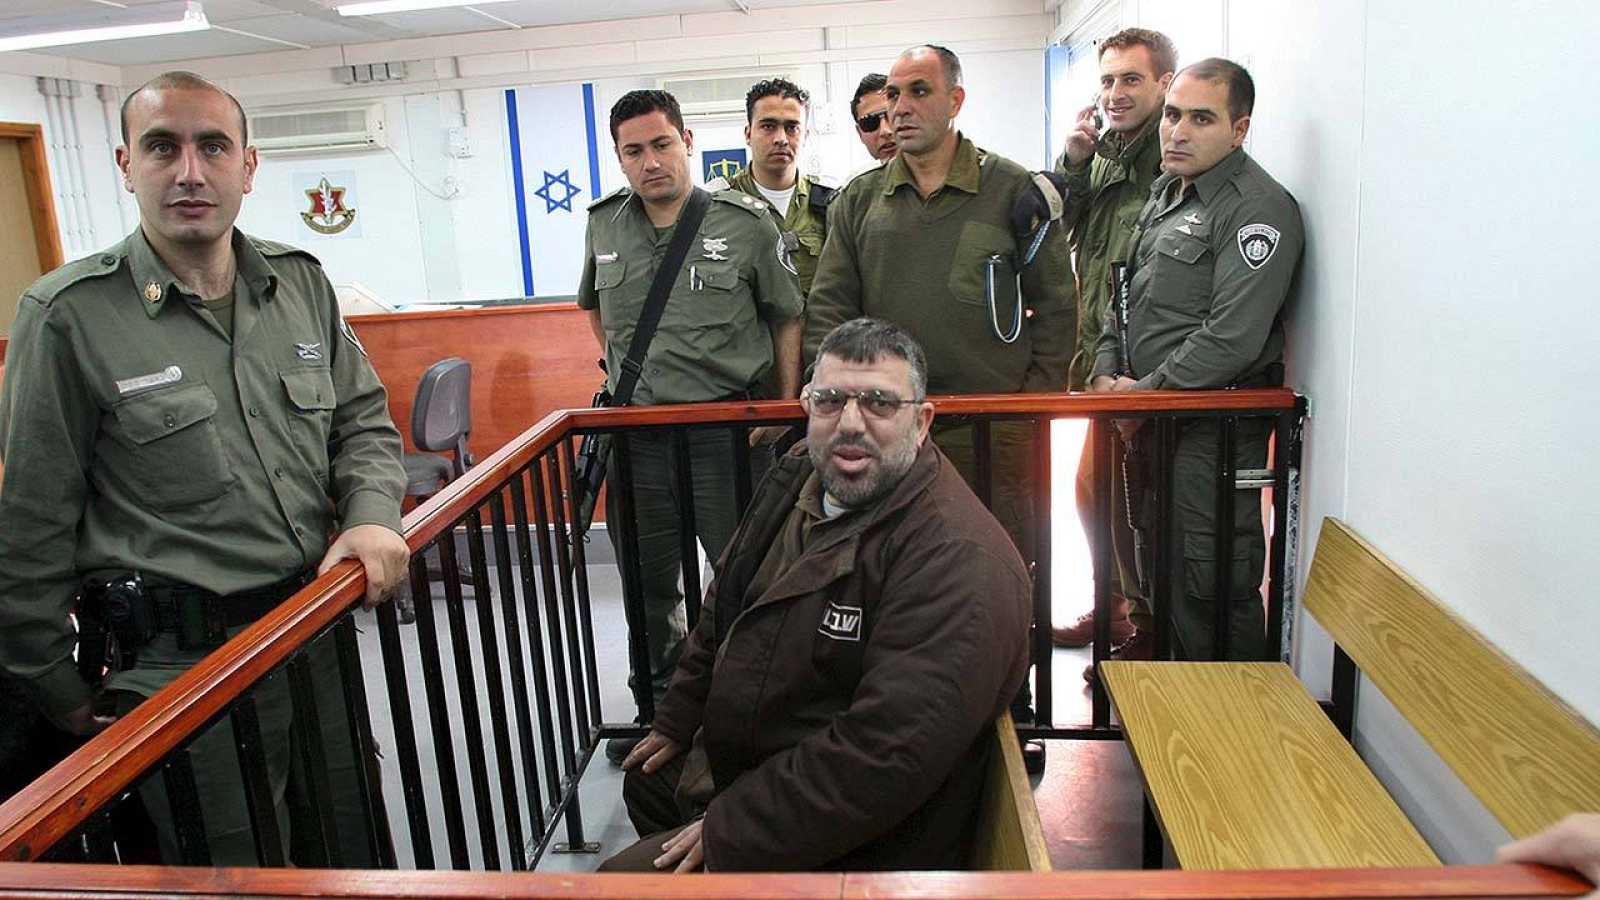 Fotografía de archivo de Hasan Yusef, líder de Hamás en Cisjordania, durante un juicio en un tribunal israelí en 2006. REUTERS/Ammar Awad